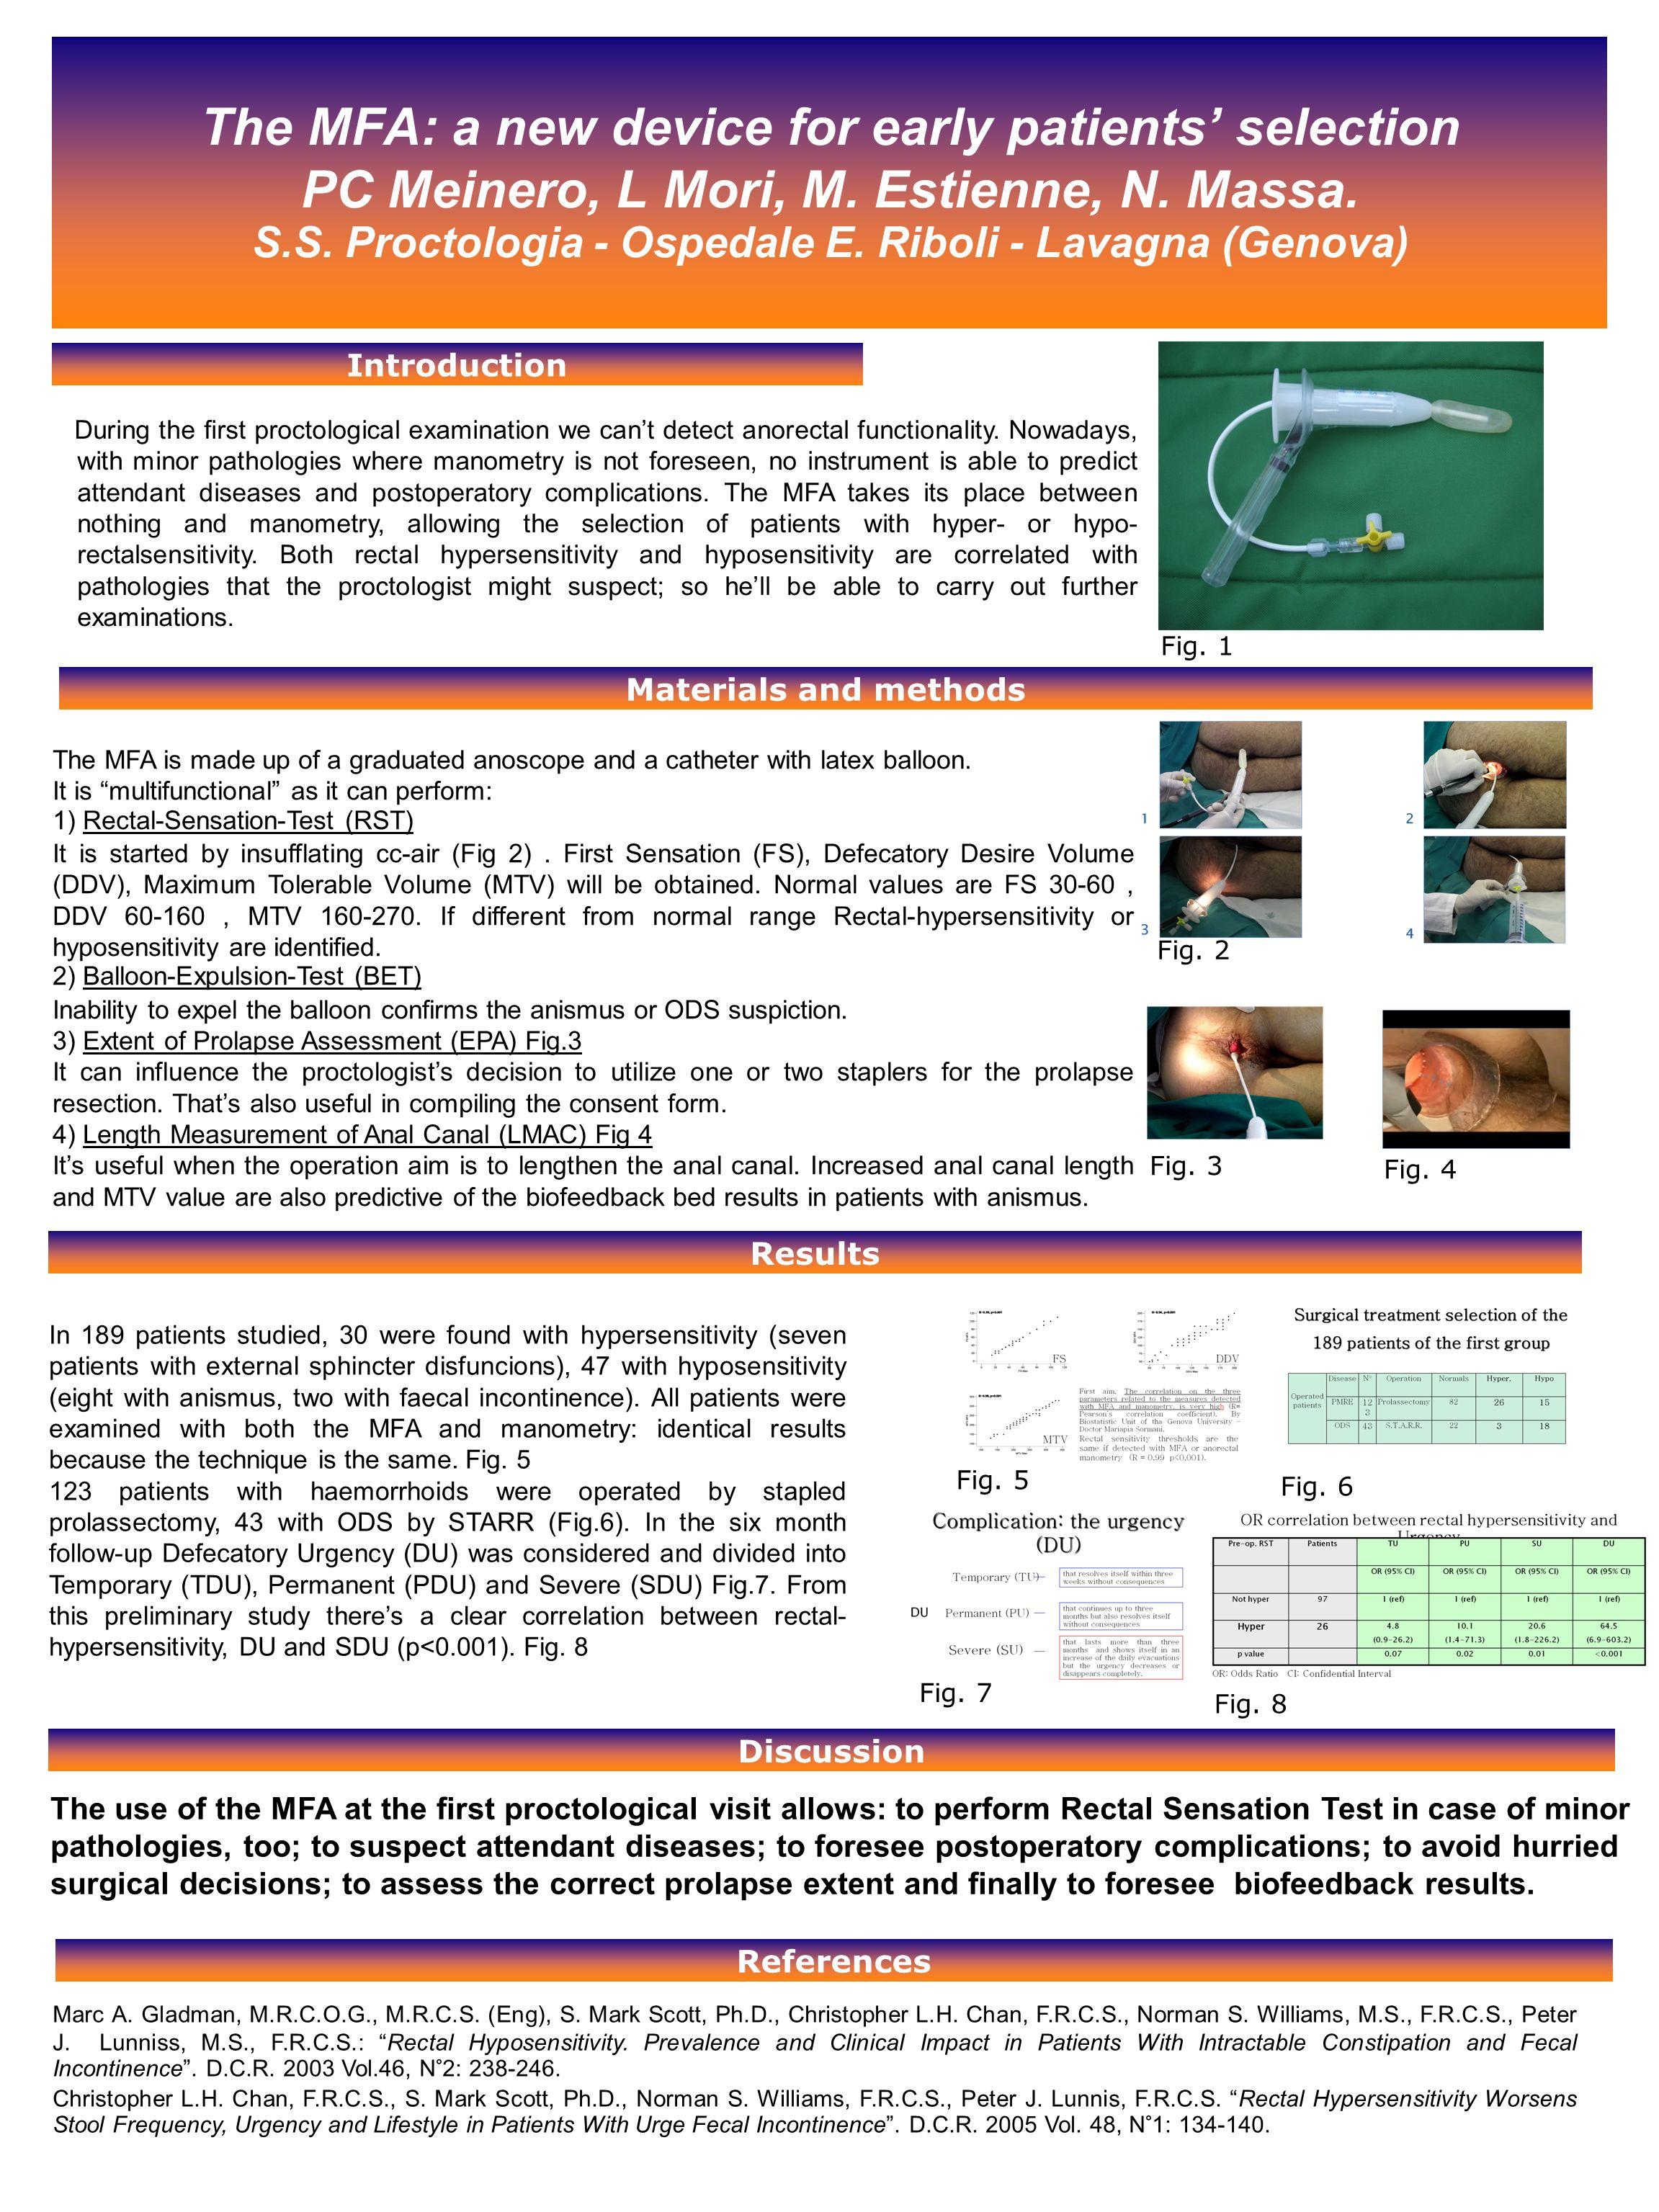 The MFA: a new device for early patients selection PC Meinero, L Mori, M. Estienne, N. Massa. S.S. Proctologia - Ospedale E. Riboli - Lavagna (Genova)